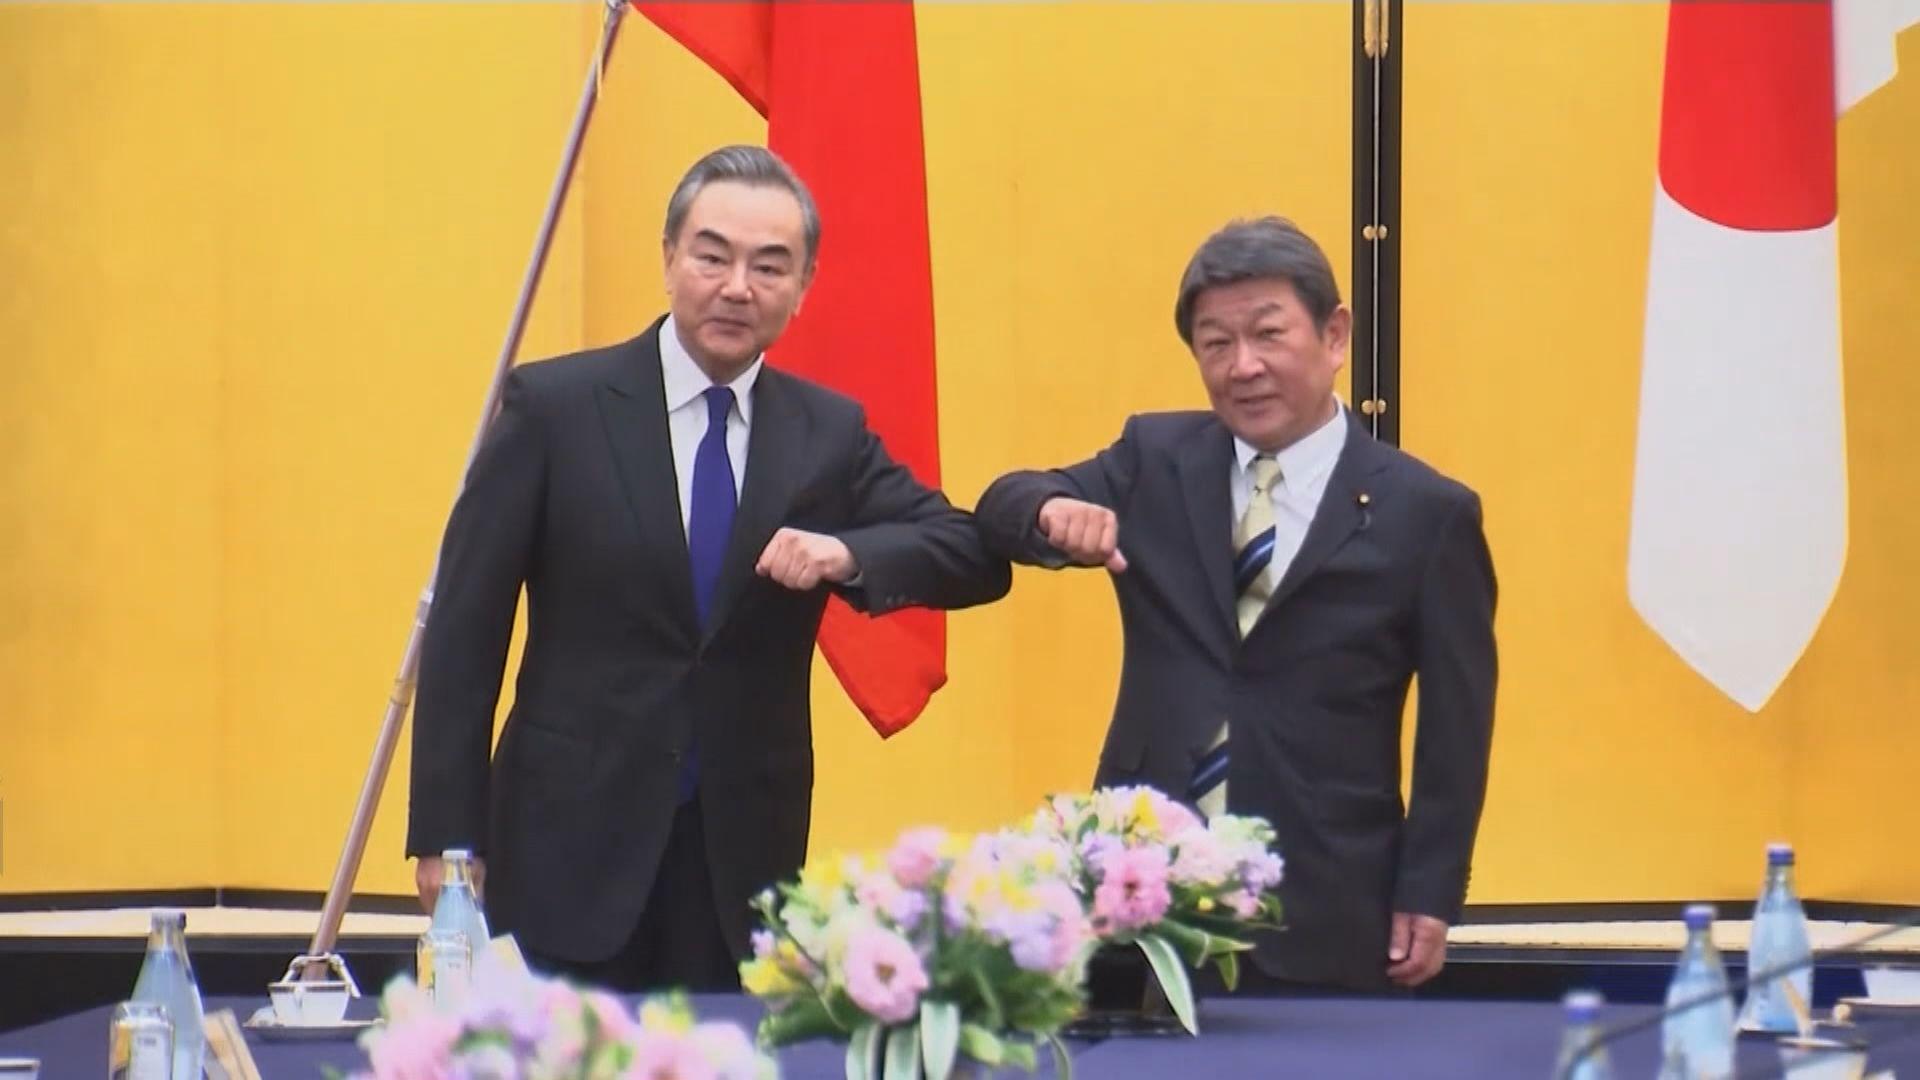 王毅提議改善釣魚島事態 日方無法接受